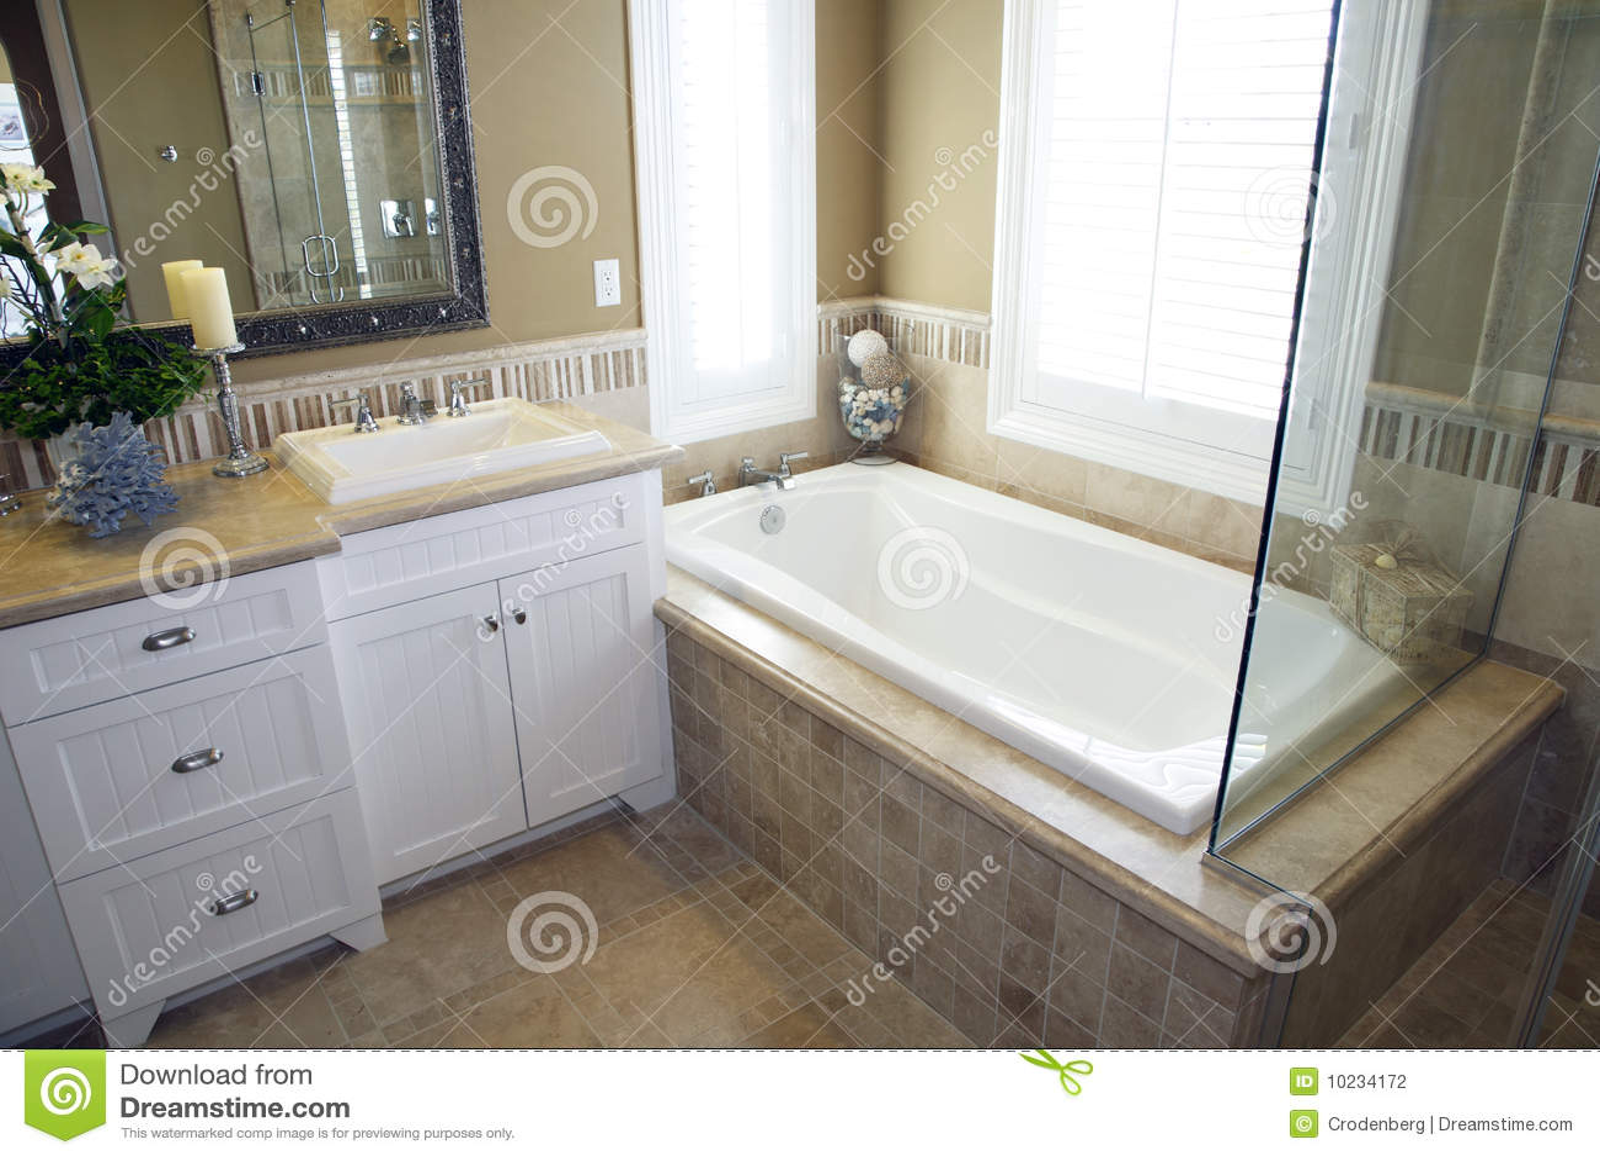 Cuarto de ba o con una tina moderna foto de archivo for Banos con ducha y tina